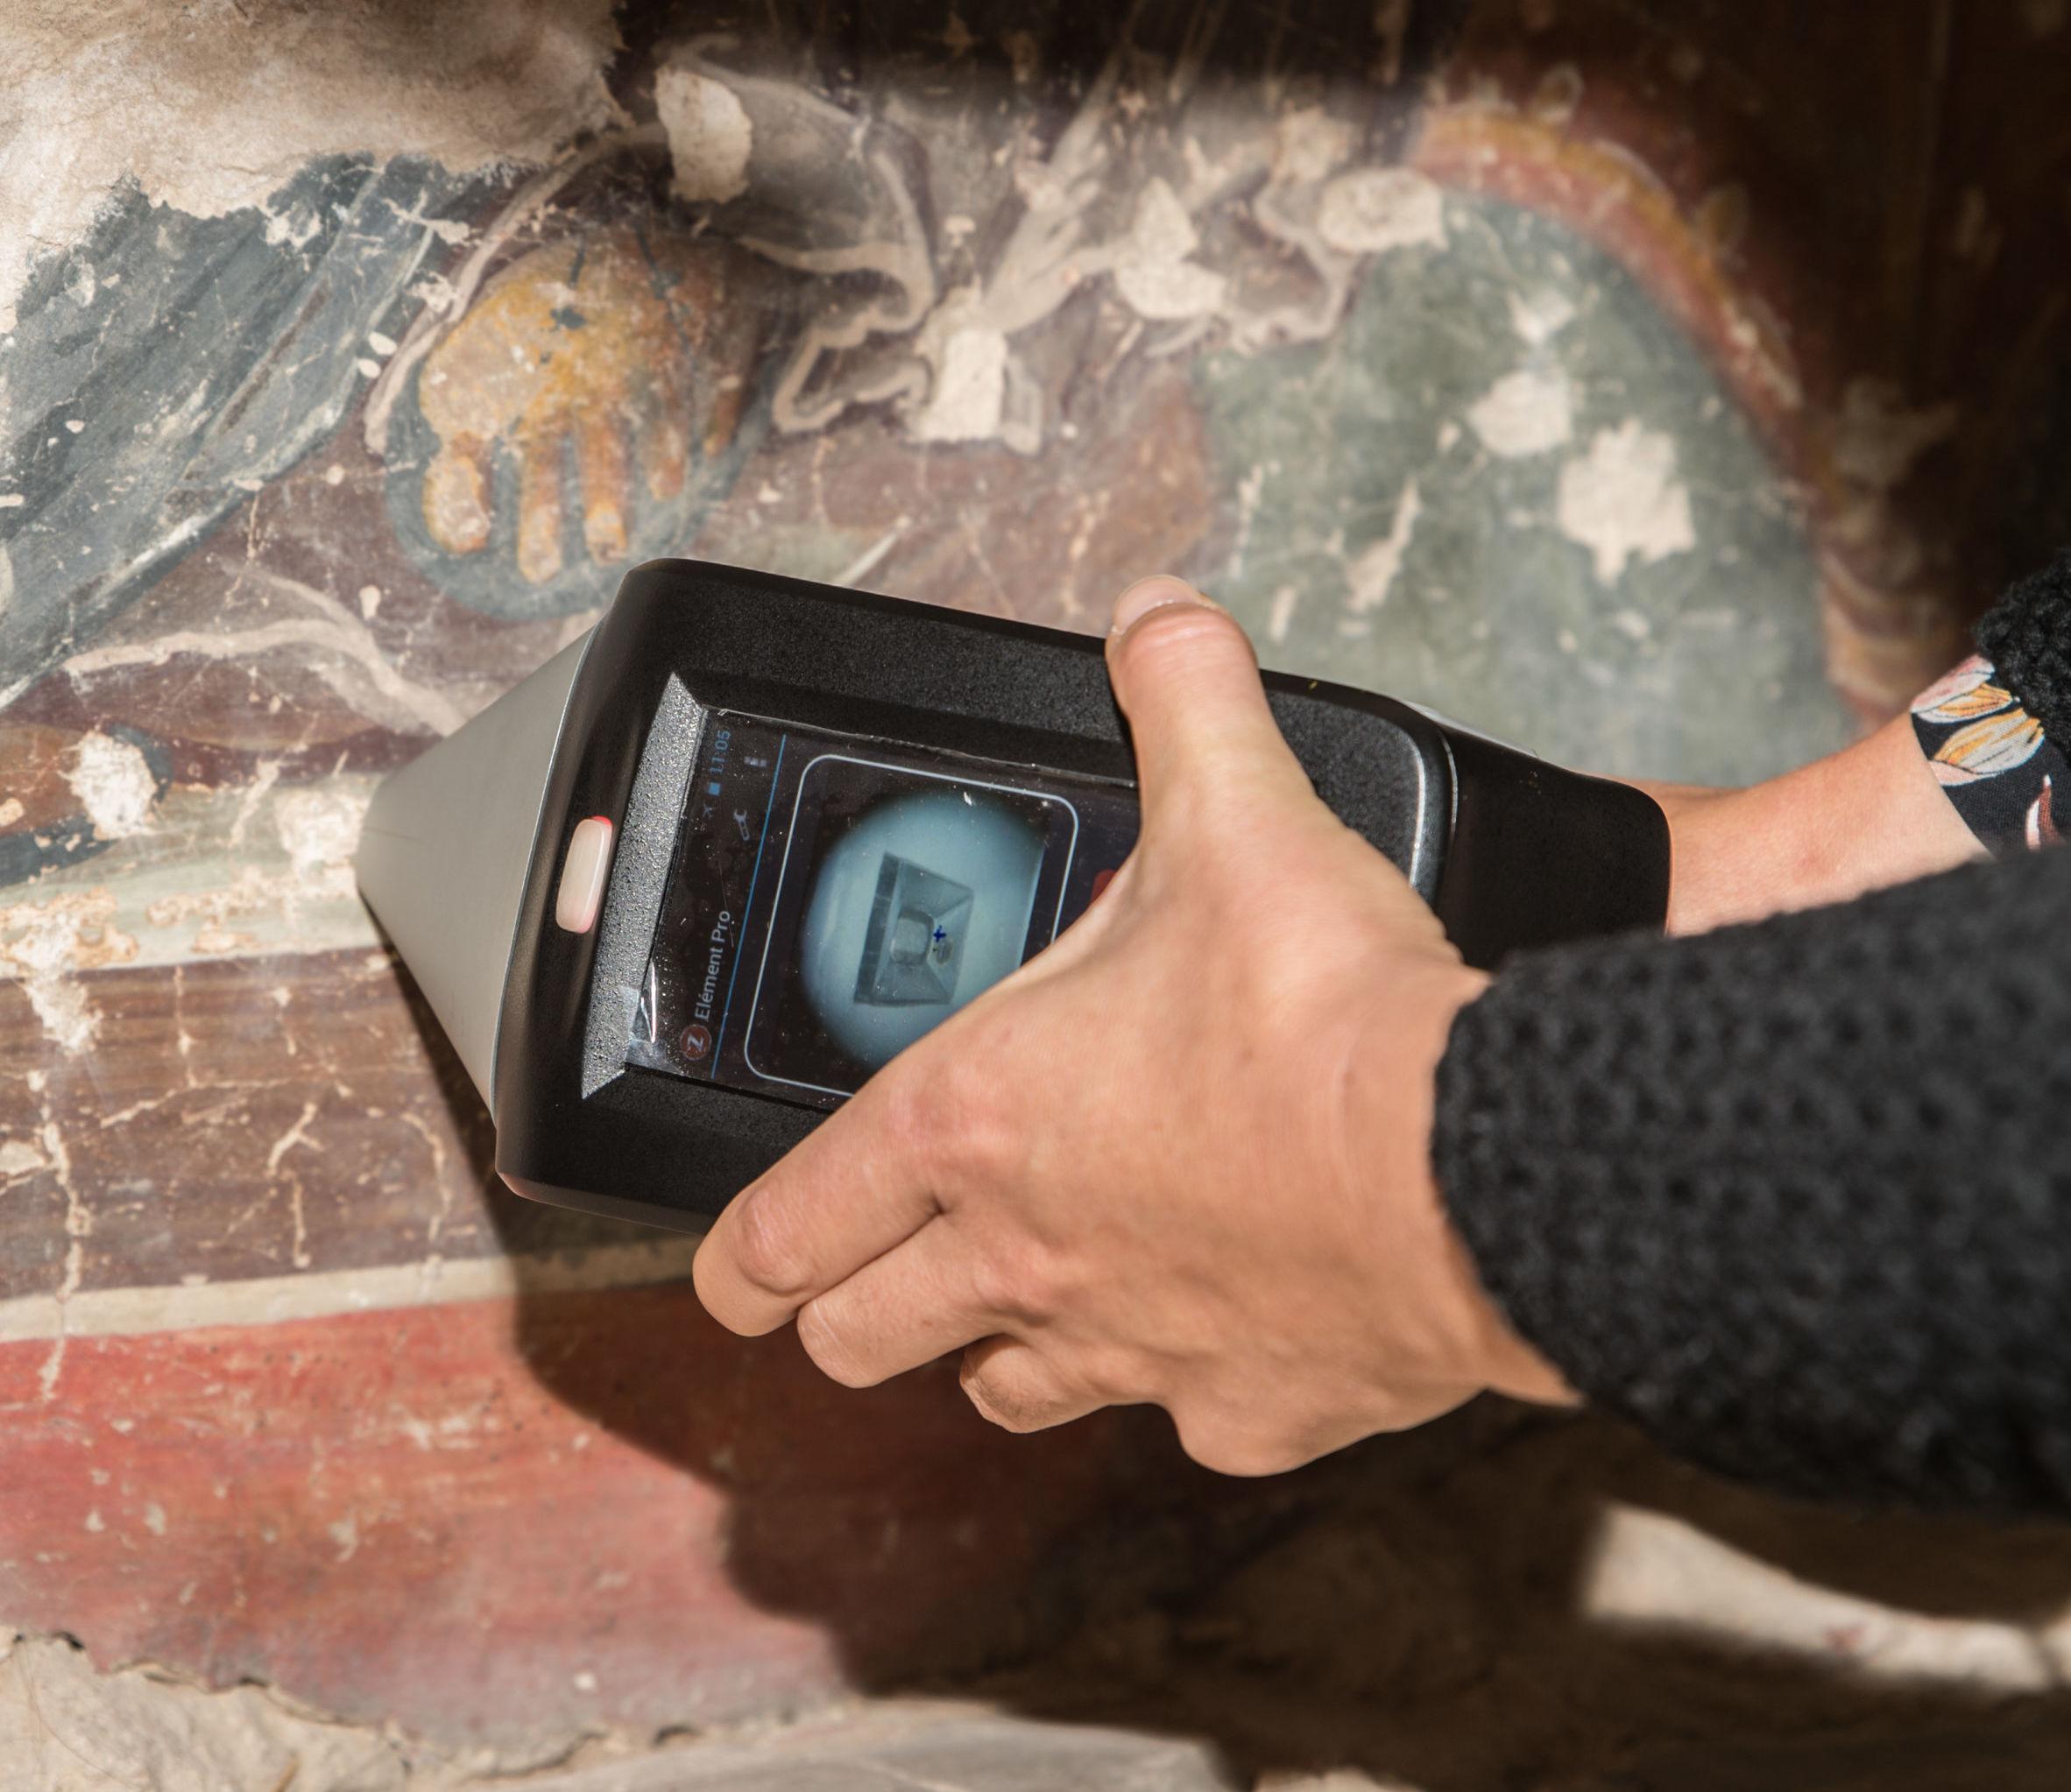 Stéphanie Duchêne analysant à l'aide du LIBS des fresques de Théophane le Grec dans l'église de la Transfiguration-du-Sauveur-sur-Iline à Novgorod